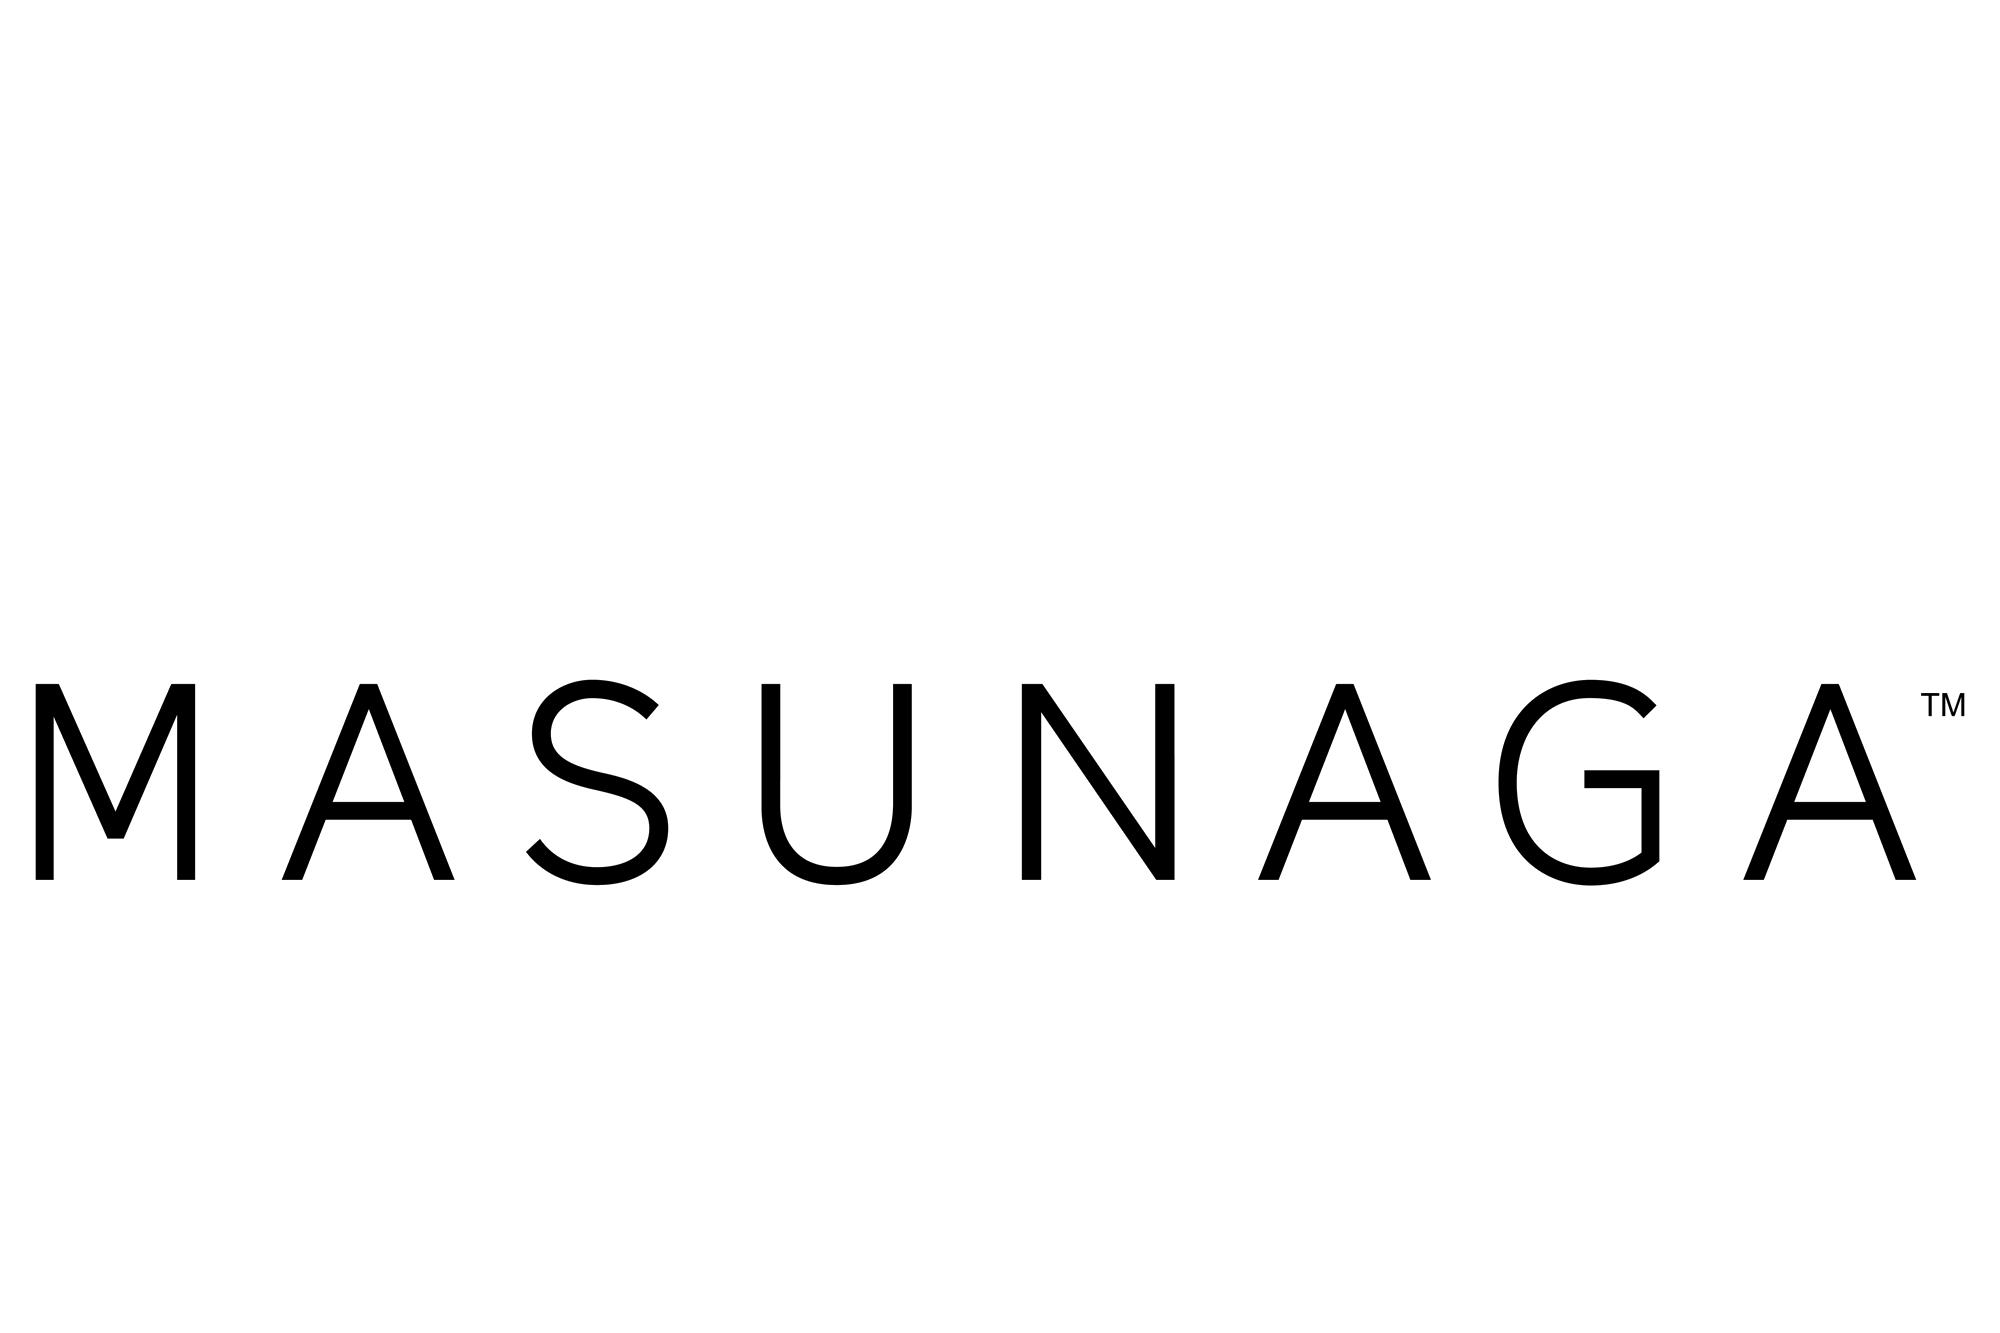 Masunaga - Date Line